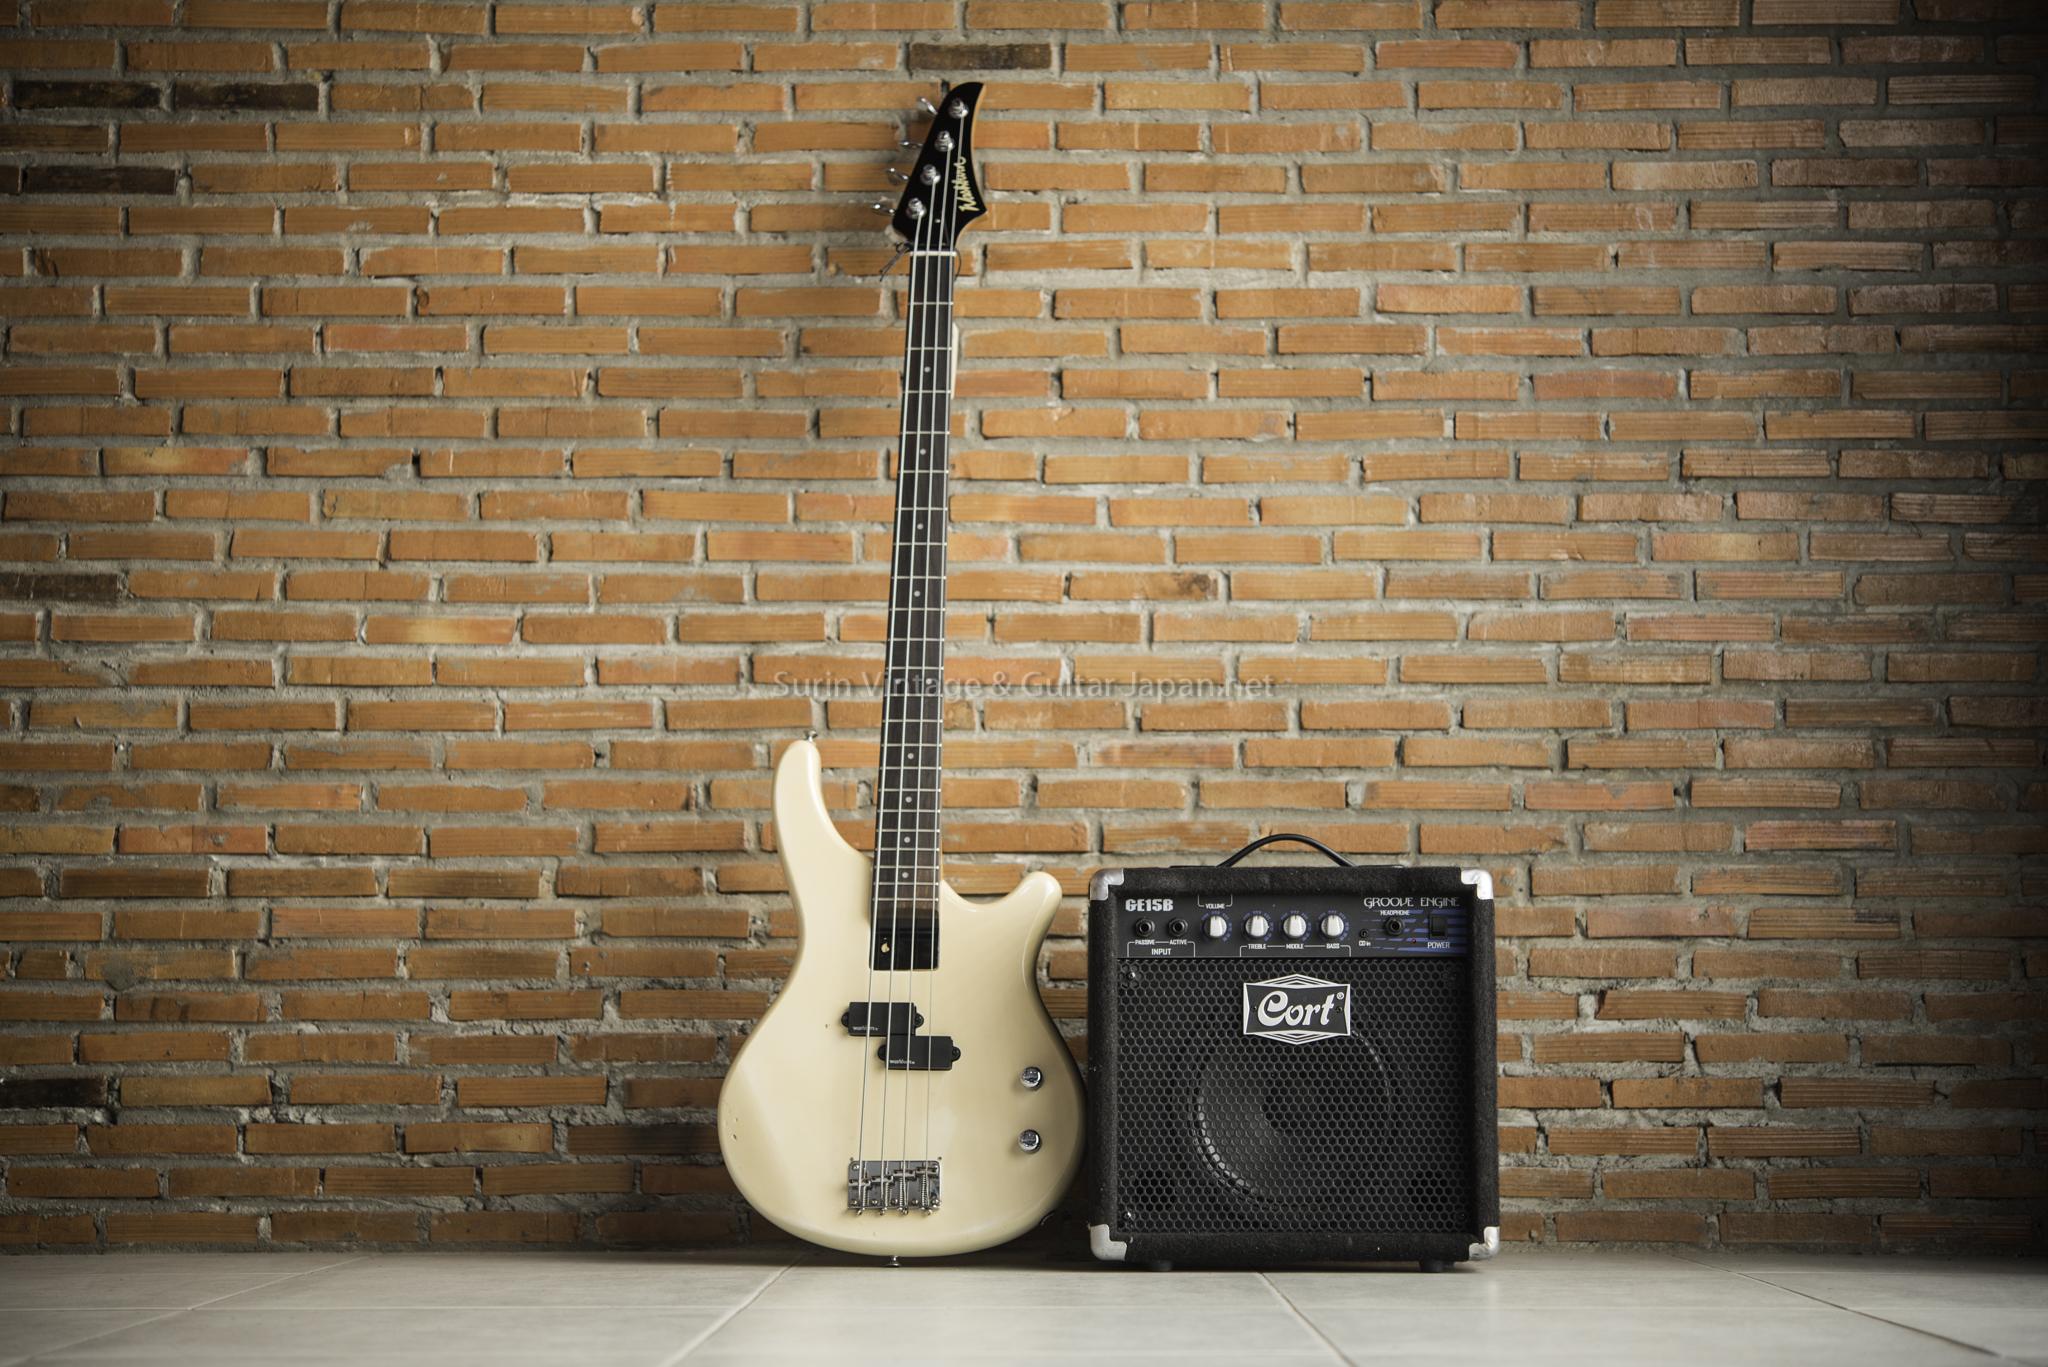 แอมป์เบสไฟฟ้ามือสอง Cort GE15B Bass Amp